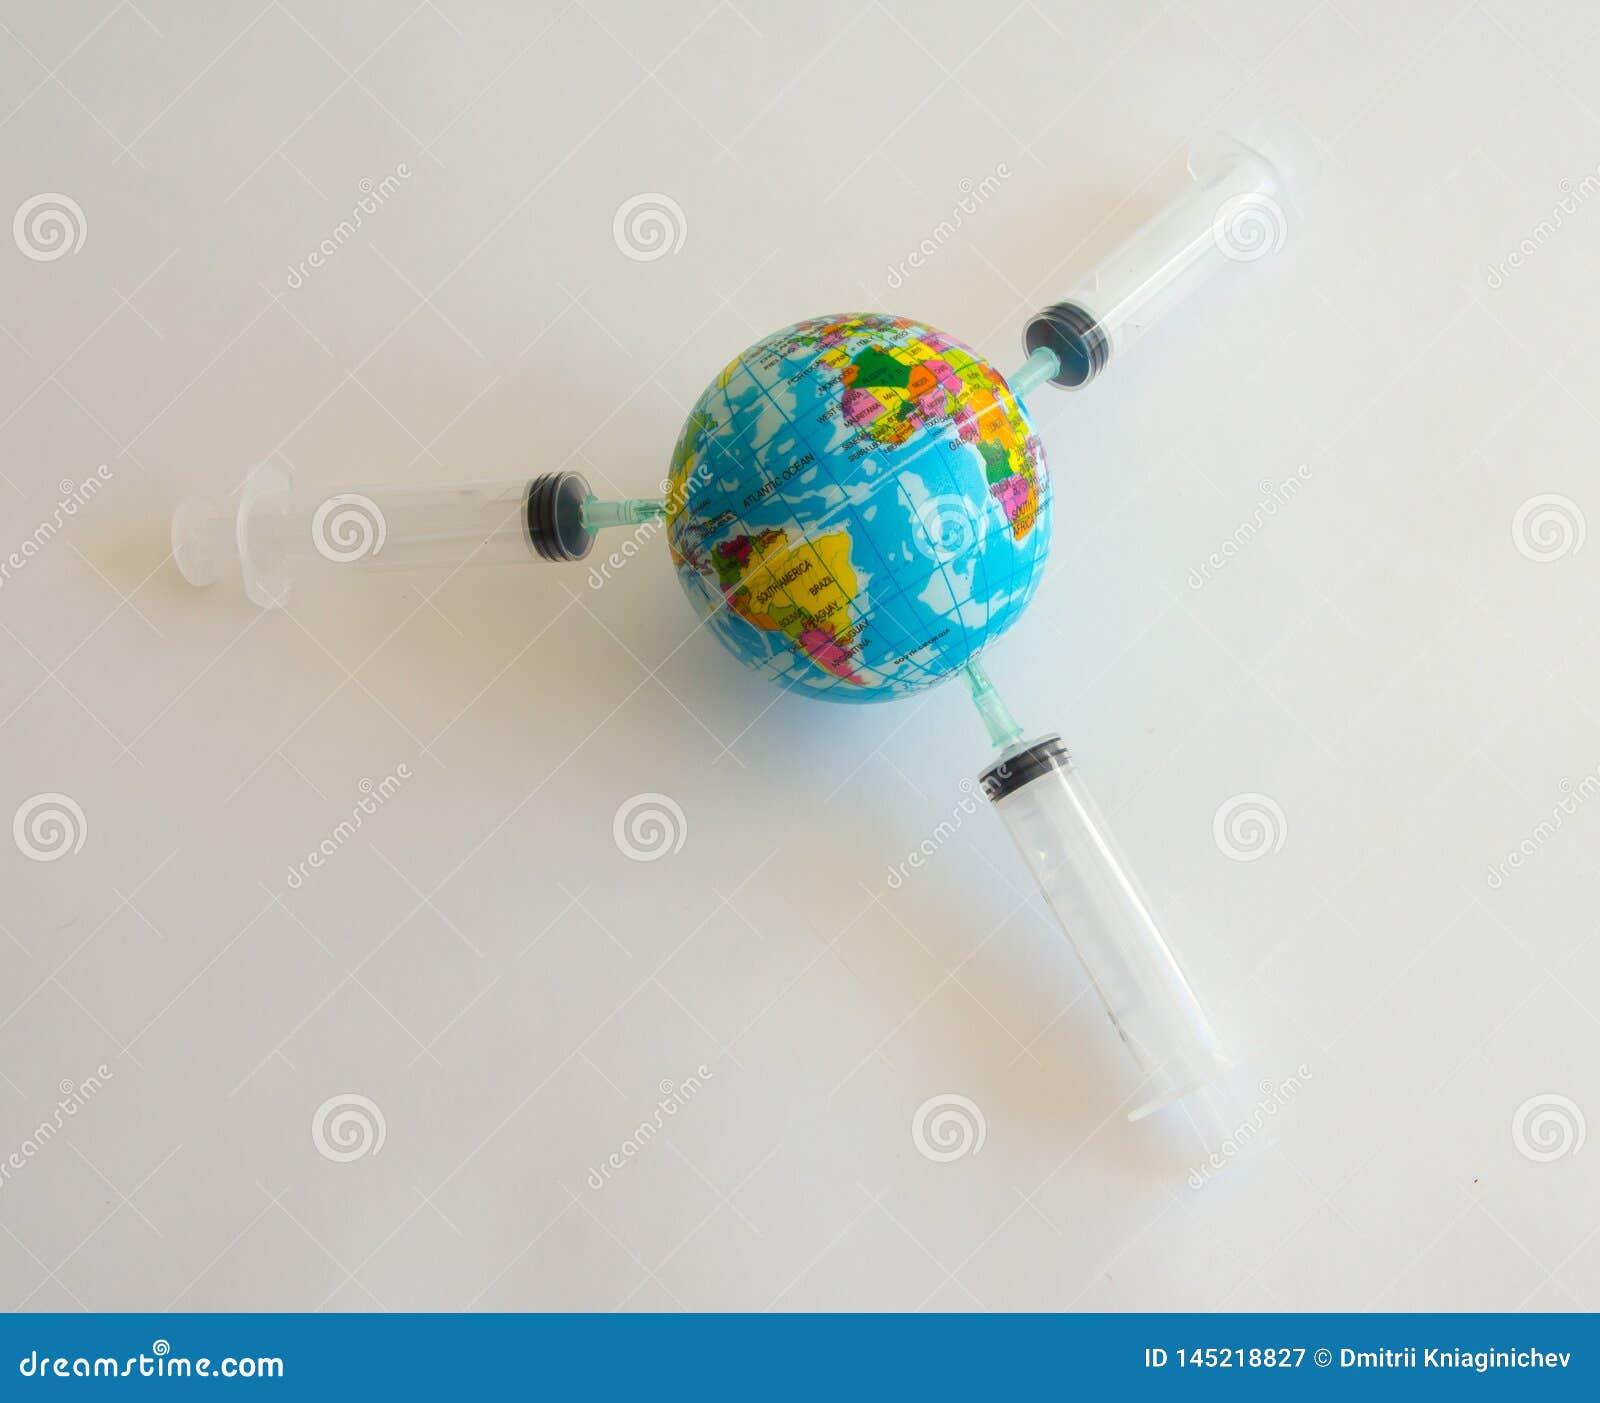 Πρότυπος πλανήτης Γη στις σύριγγες στο άσπρο υπόβαθρο - εικόνα